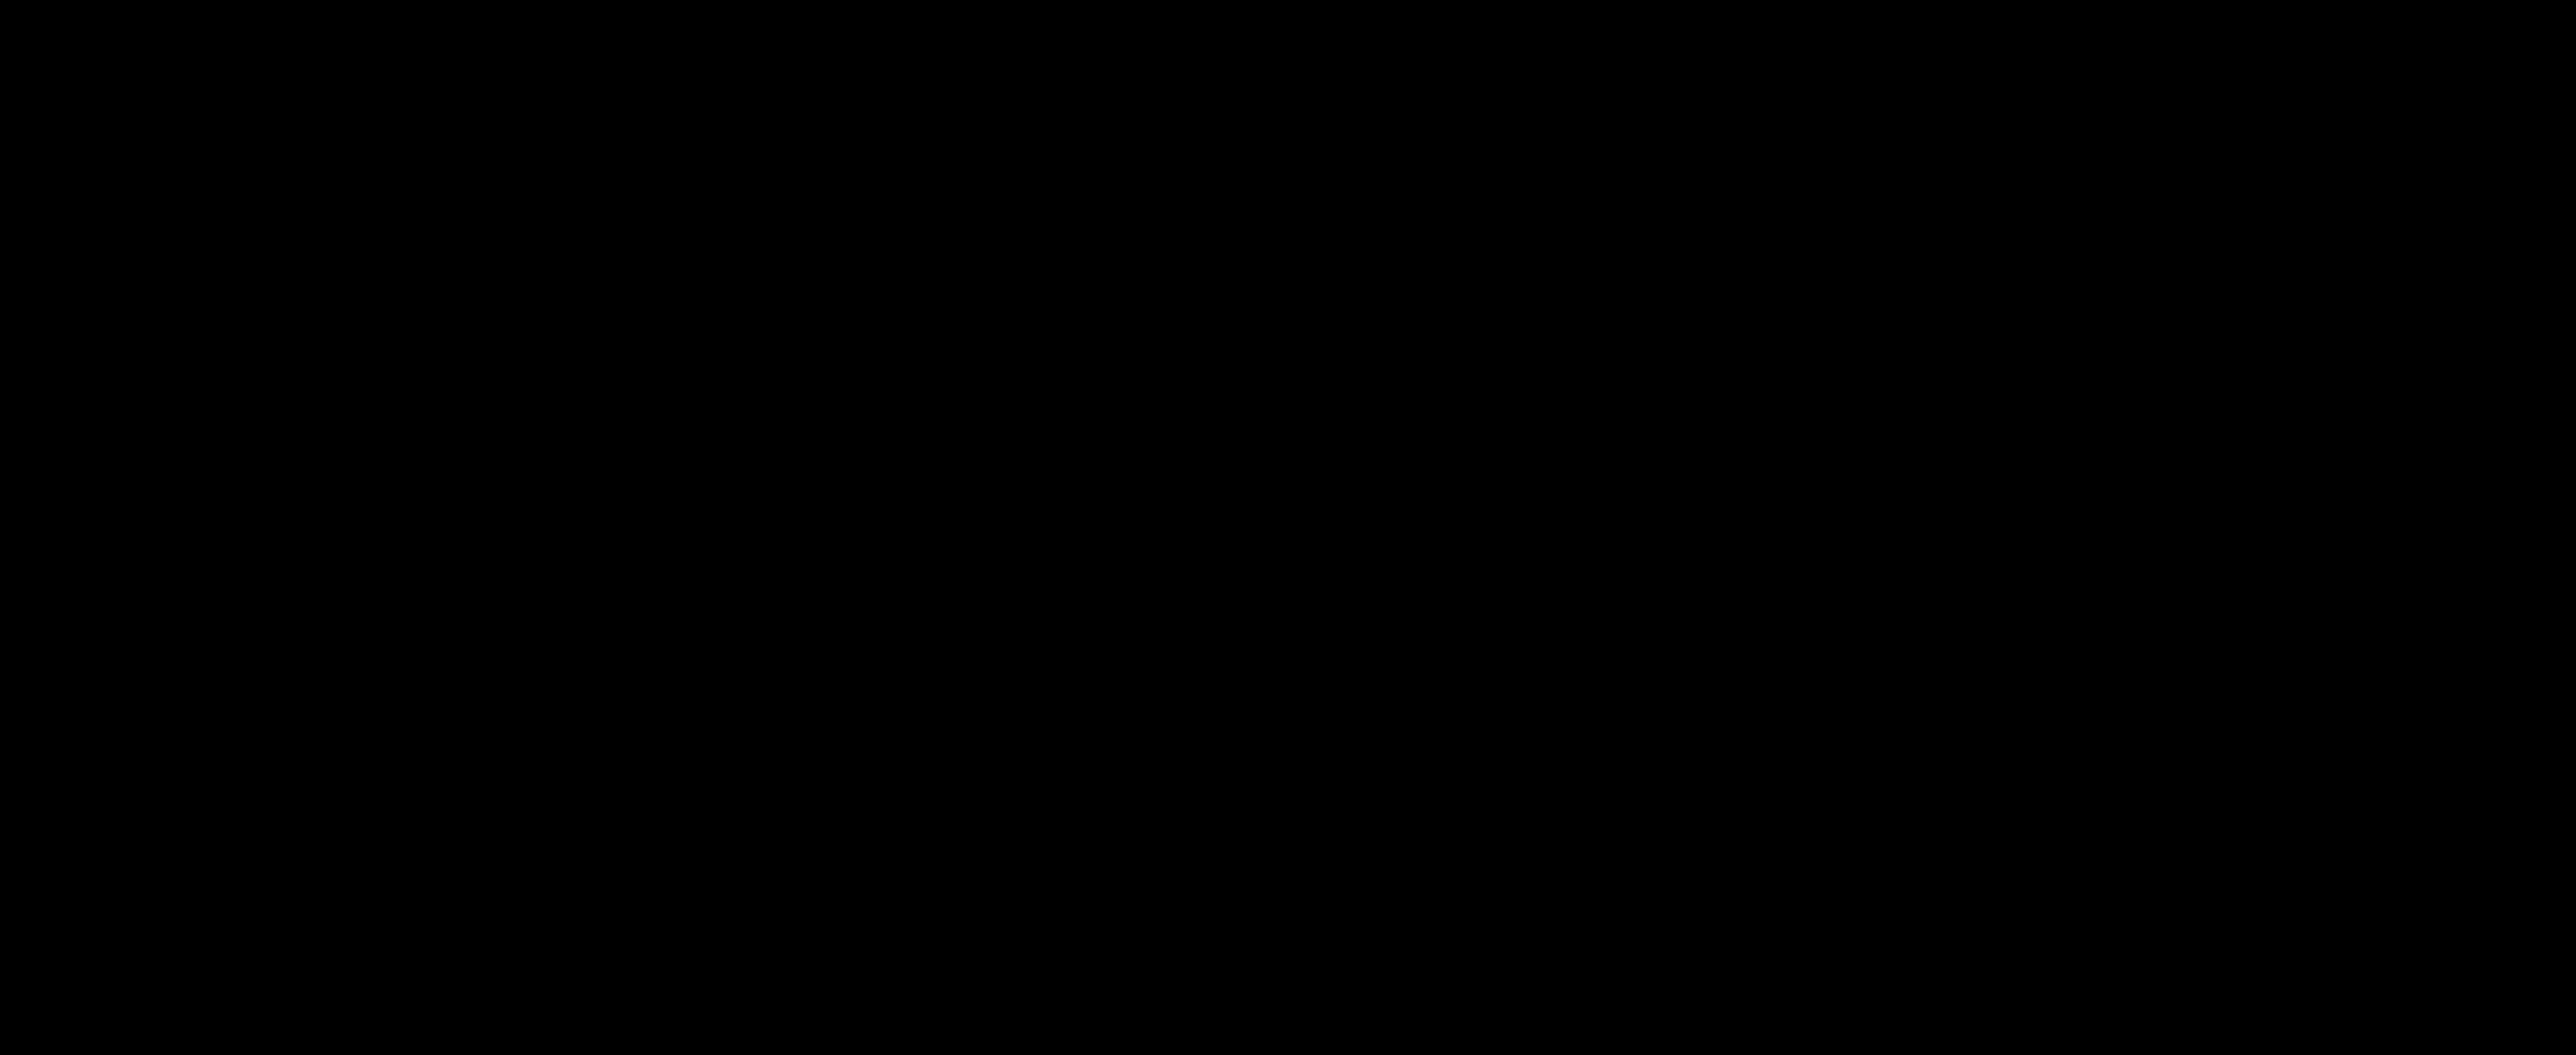 Biotin-12-hydroxystearicacid-acyclovir